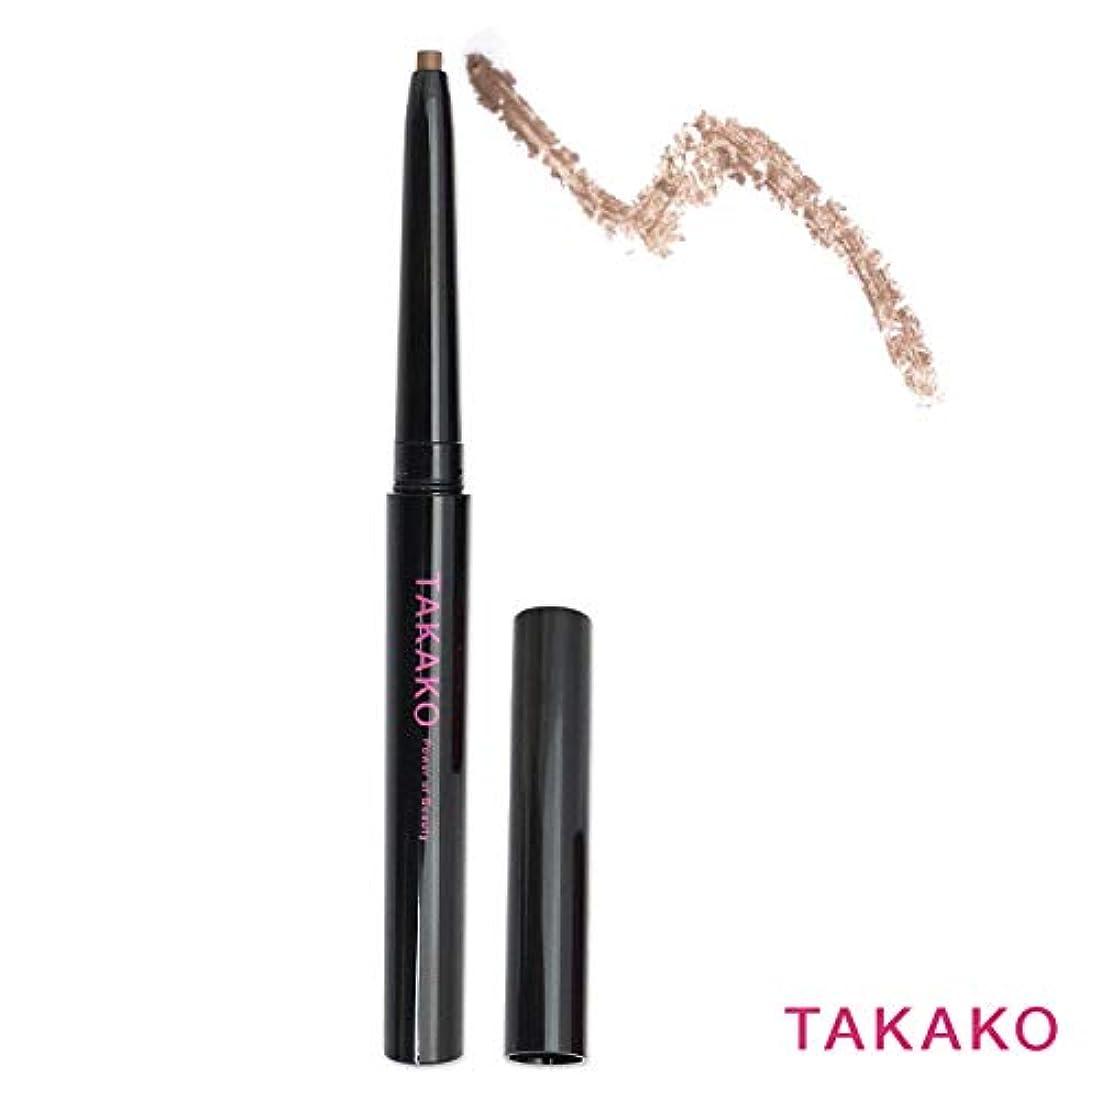 辞任セント包括的TAKAKO スターリングアイブロウ アイブロウペンシル ウォータープルーフタイプ 落ちない 3Dブラウン 3g TAKAKO Power of Beauty STARRING eyebrow pencil【タカコ コスメ】